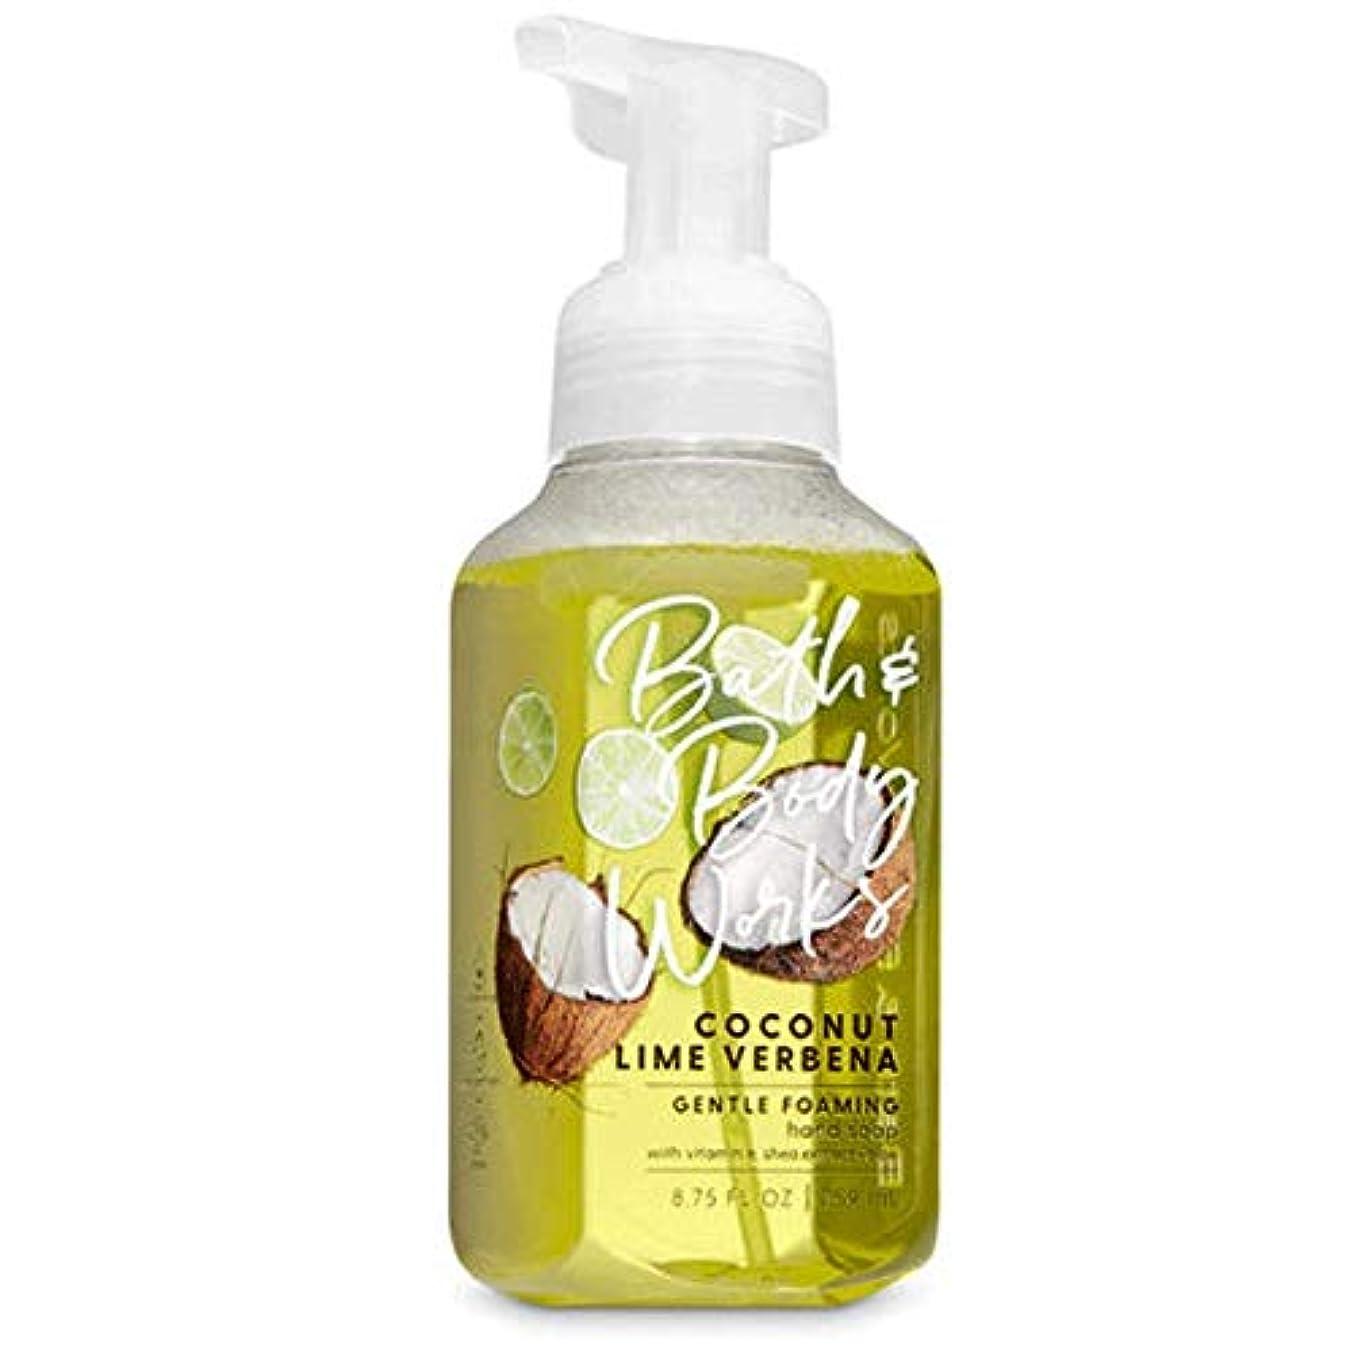 強風ピンチ反対したバス&ボディワークス ココナッツライムバーベナ ジェントル フォーミング ハンドソープ Coconut Lime Verbena Gentle Foaming Hand Soap